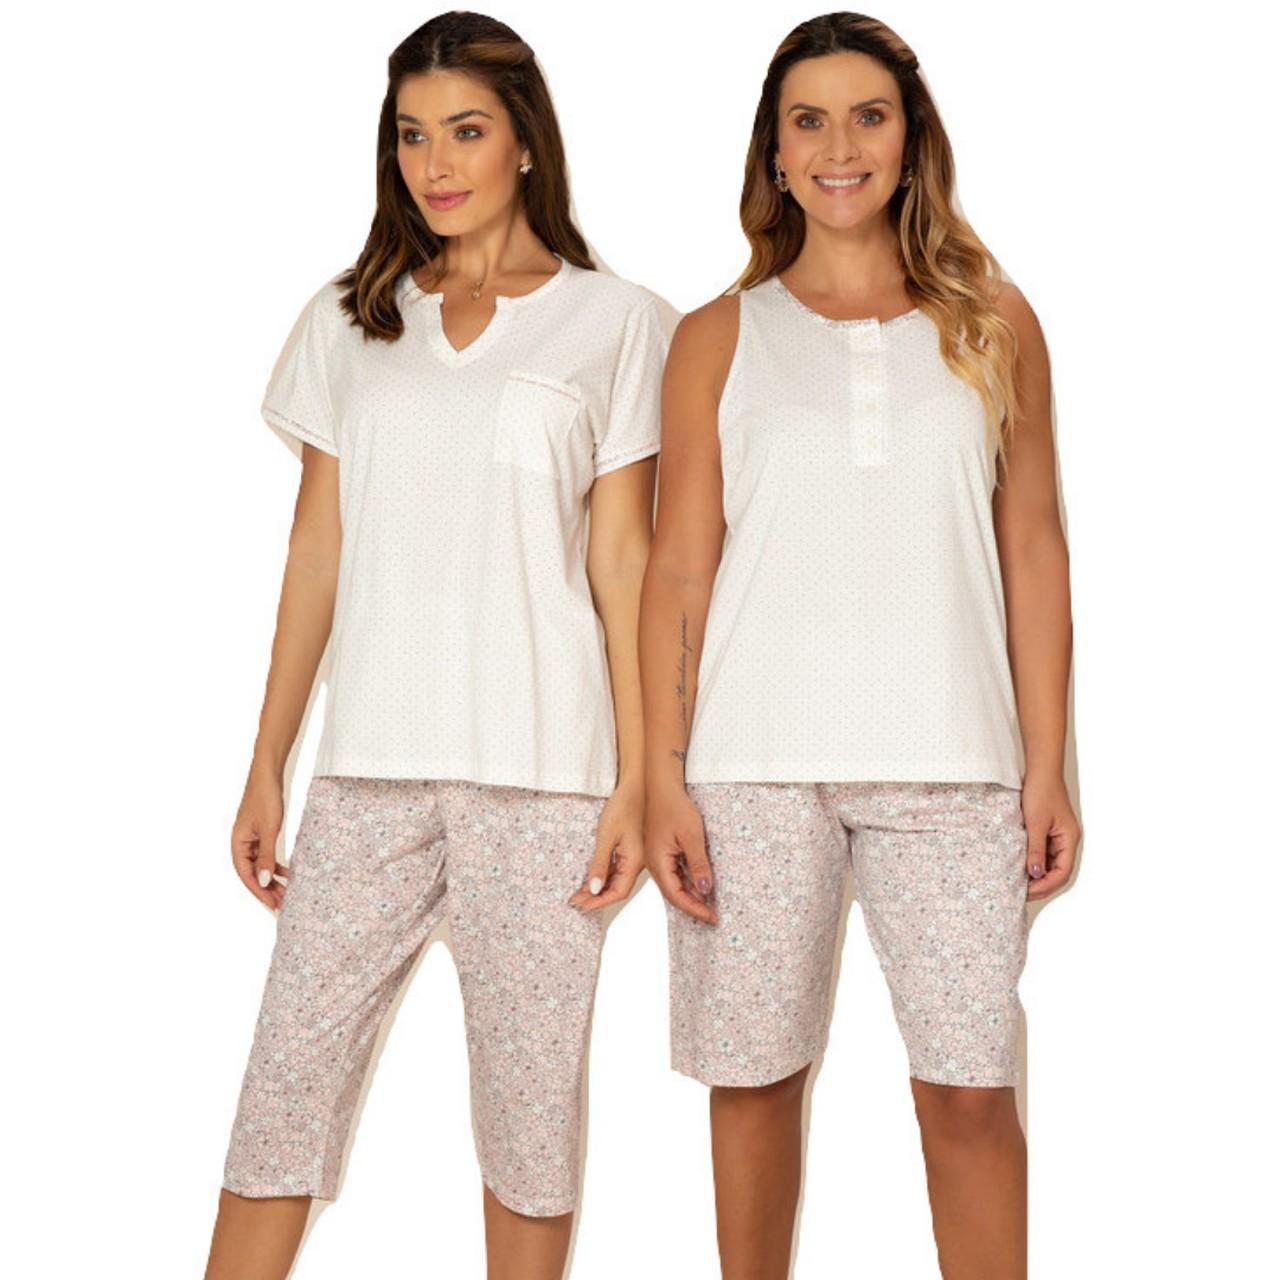 Pijama meia estação de algodão blusa c/ manga calça capri